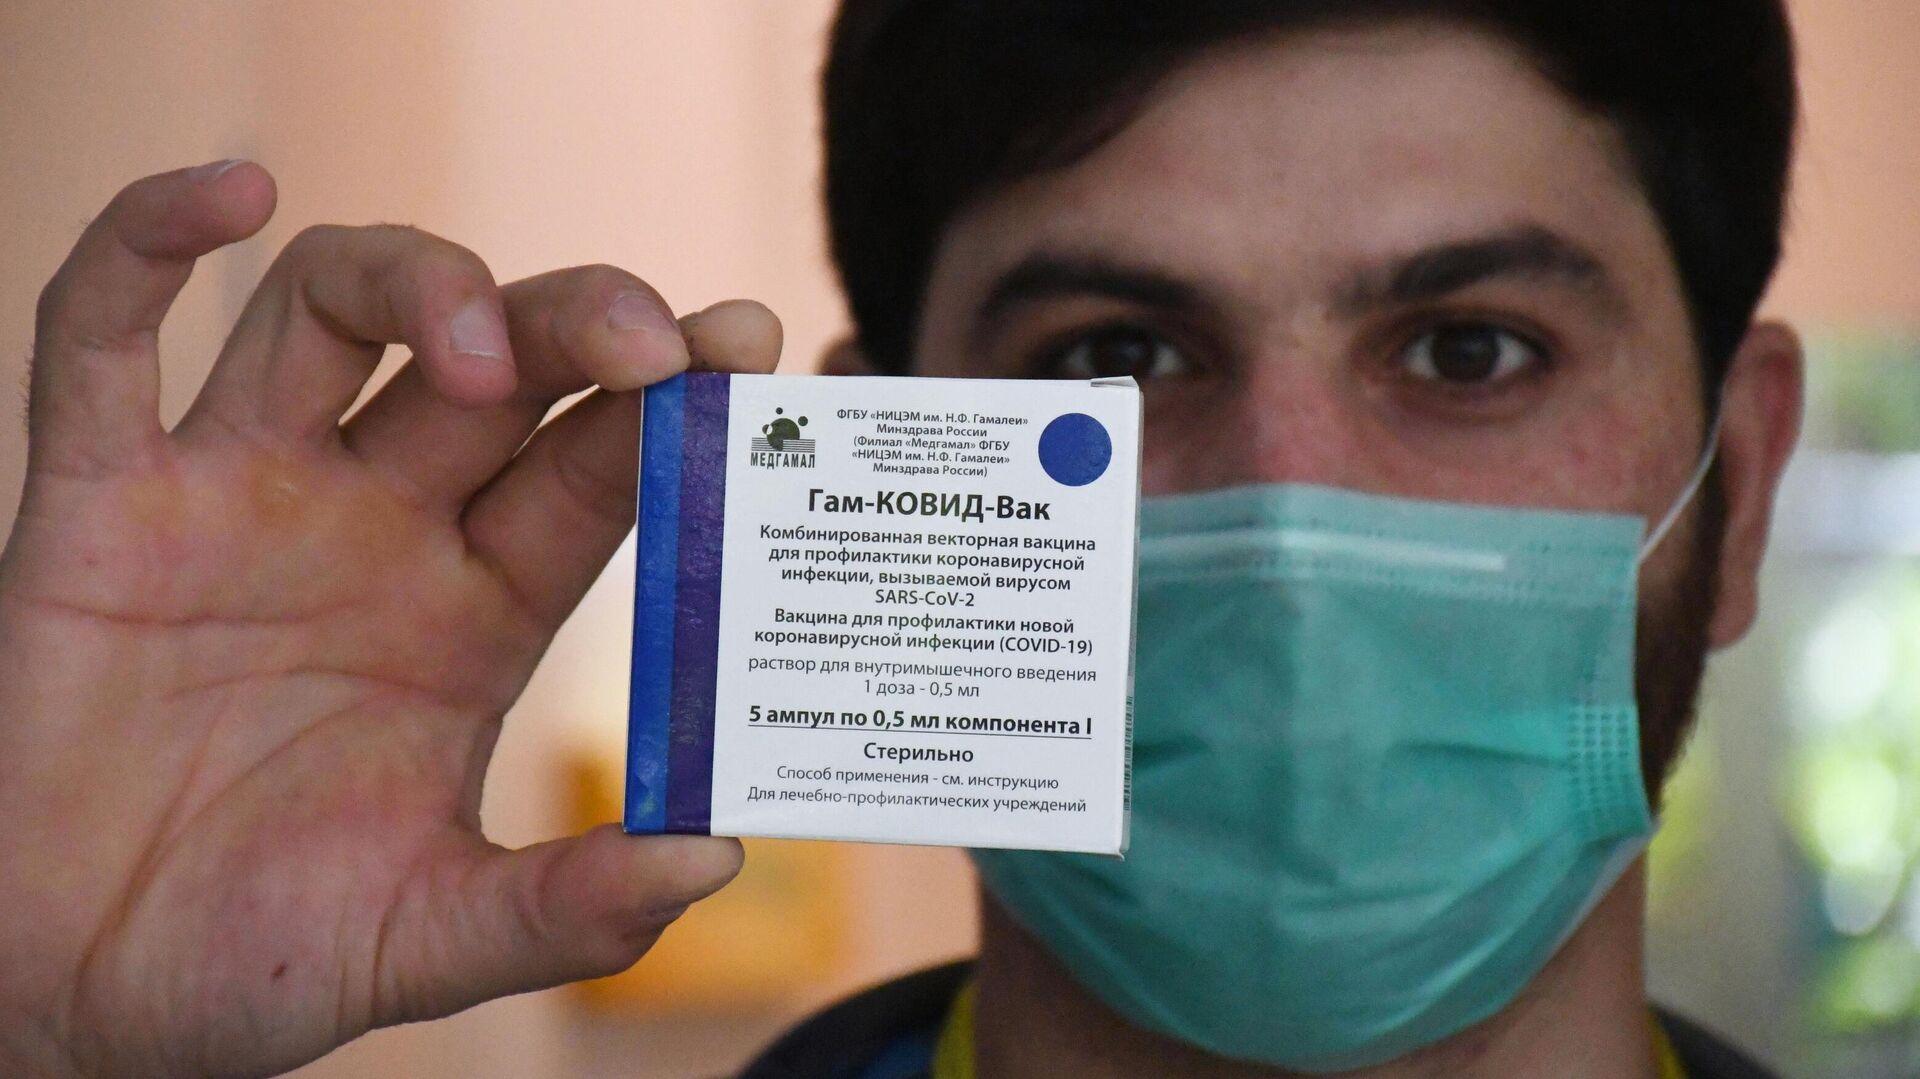 Медицинский работник держит в руках упаковку с российским препаратом от коронавирусной инфекции Гам-Ковид-Вак (Спутник V) - РИА Новости, 1920, 06.04.2021